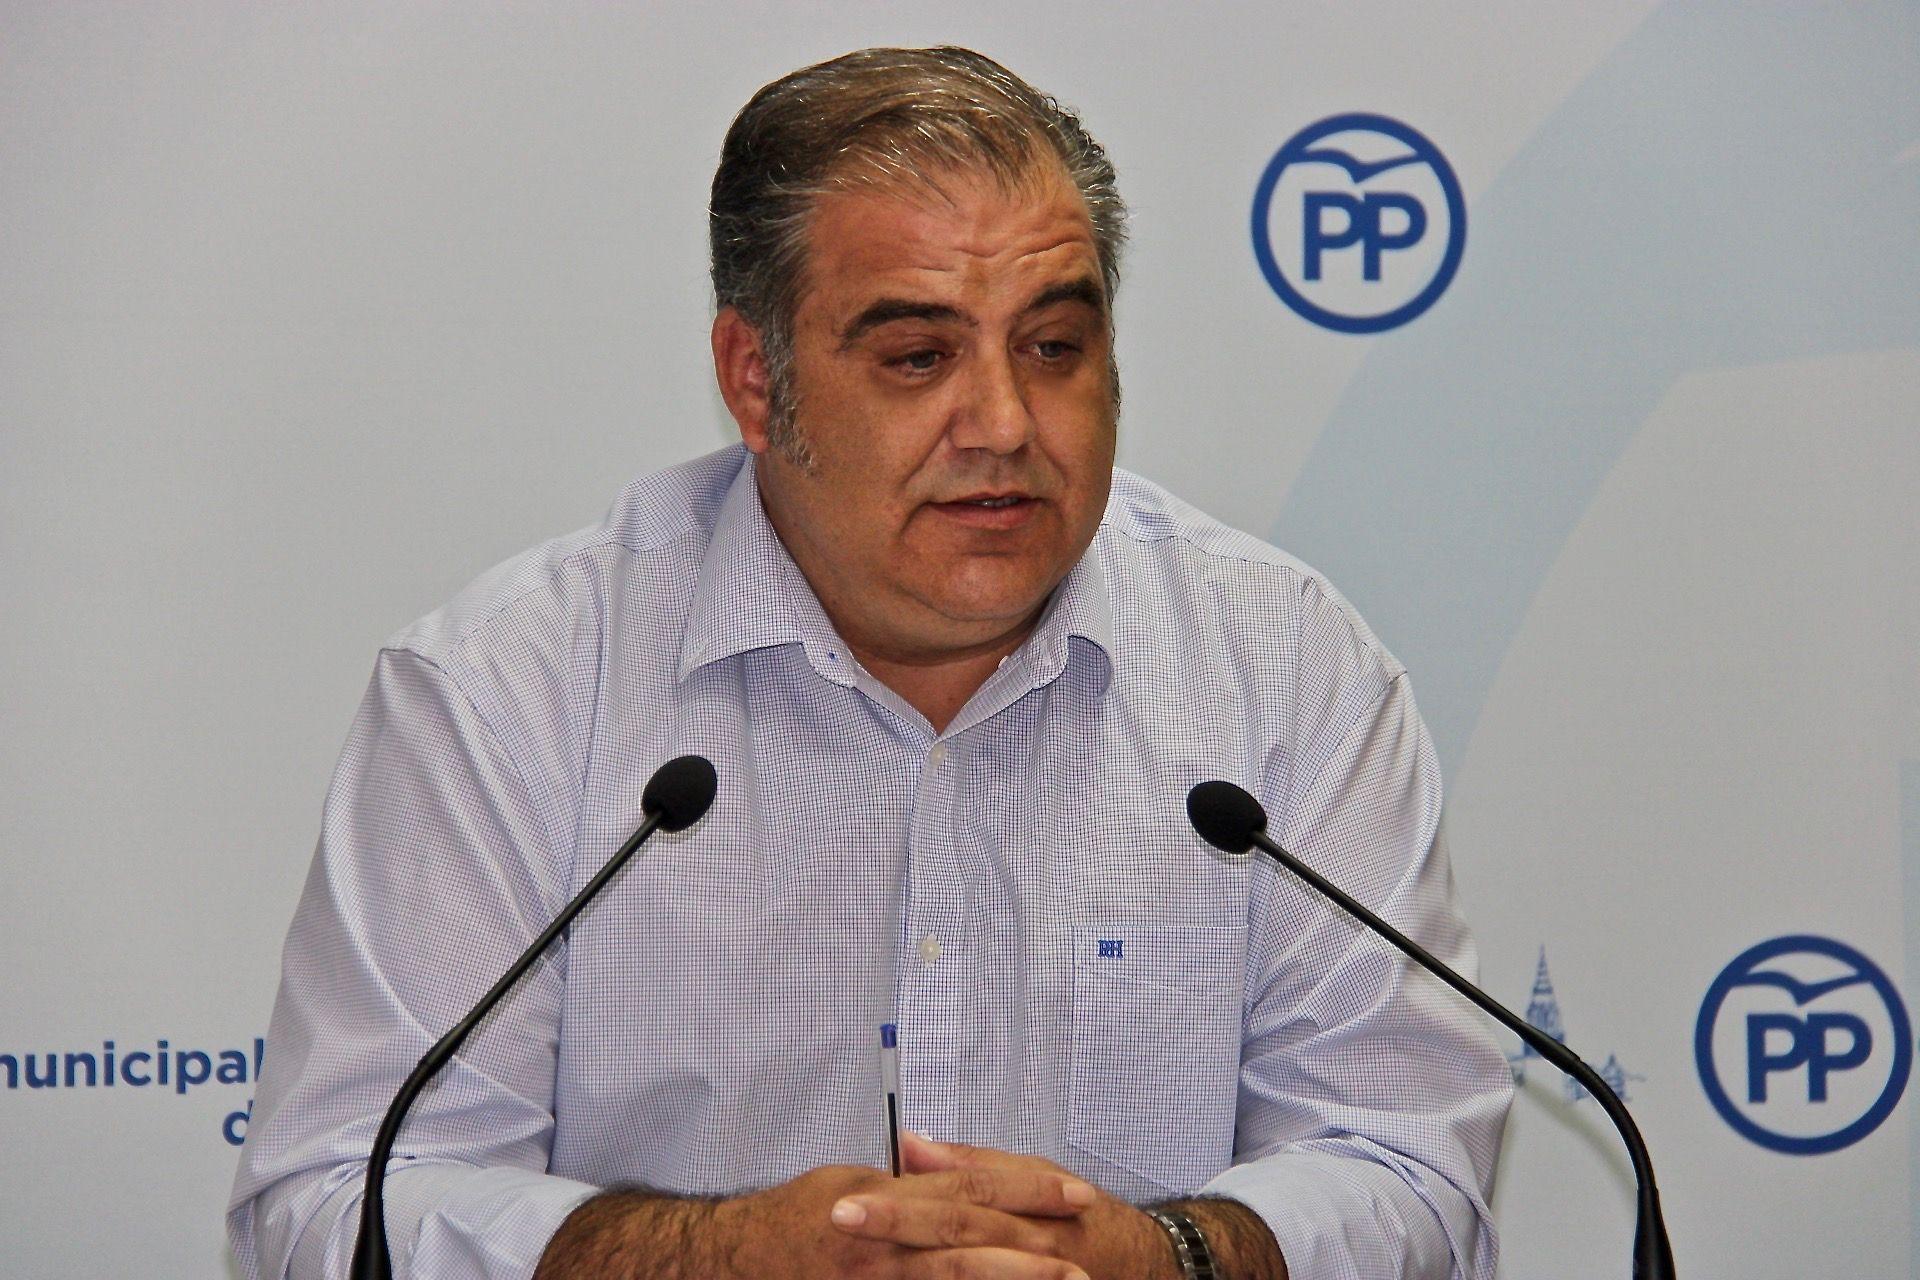 El PP subraya la necesidad urgente de contar con un nuevo POM y advierte de los problemas que está generando a la ciudad y a la economía local la falta del mismo